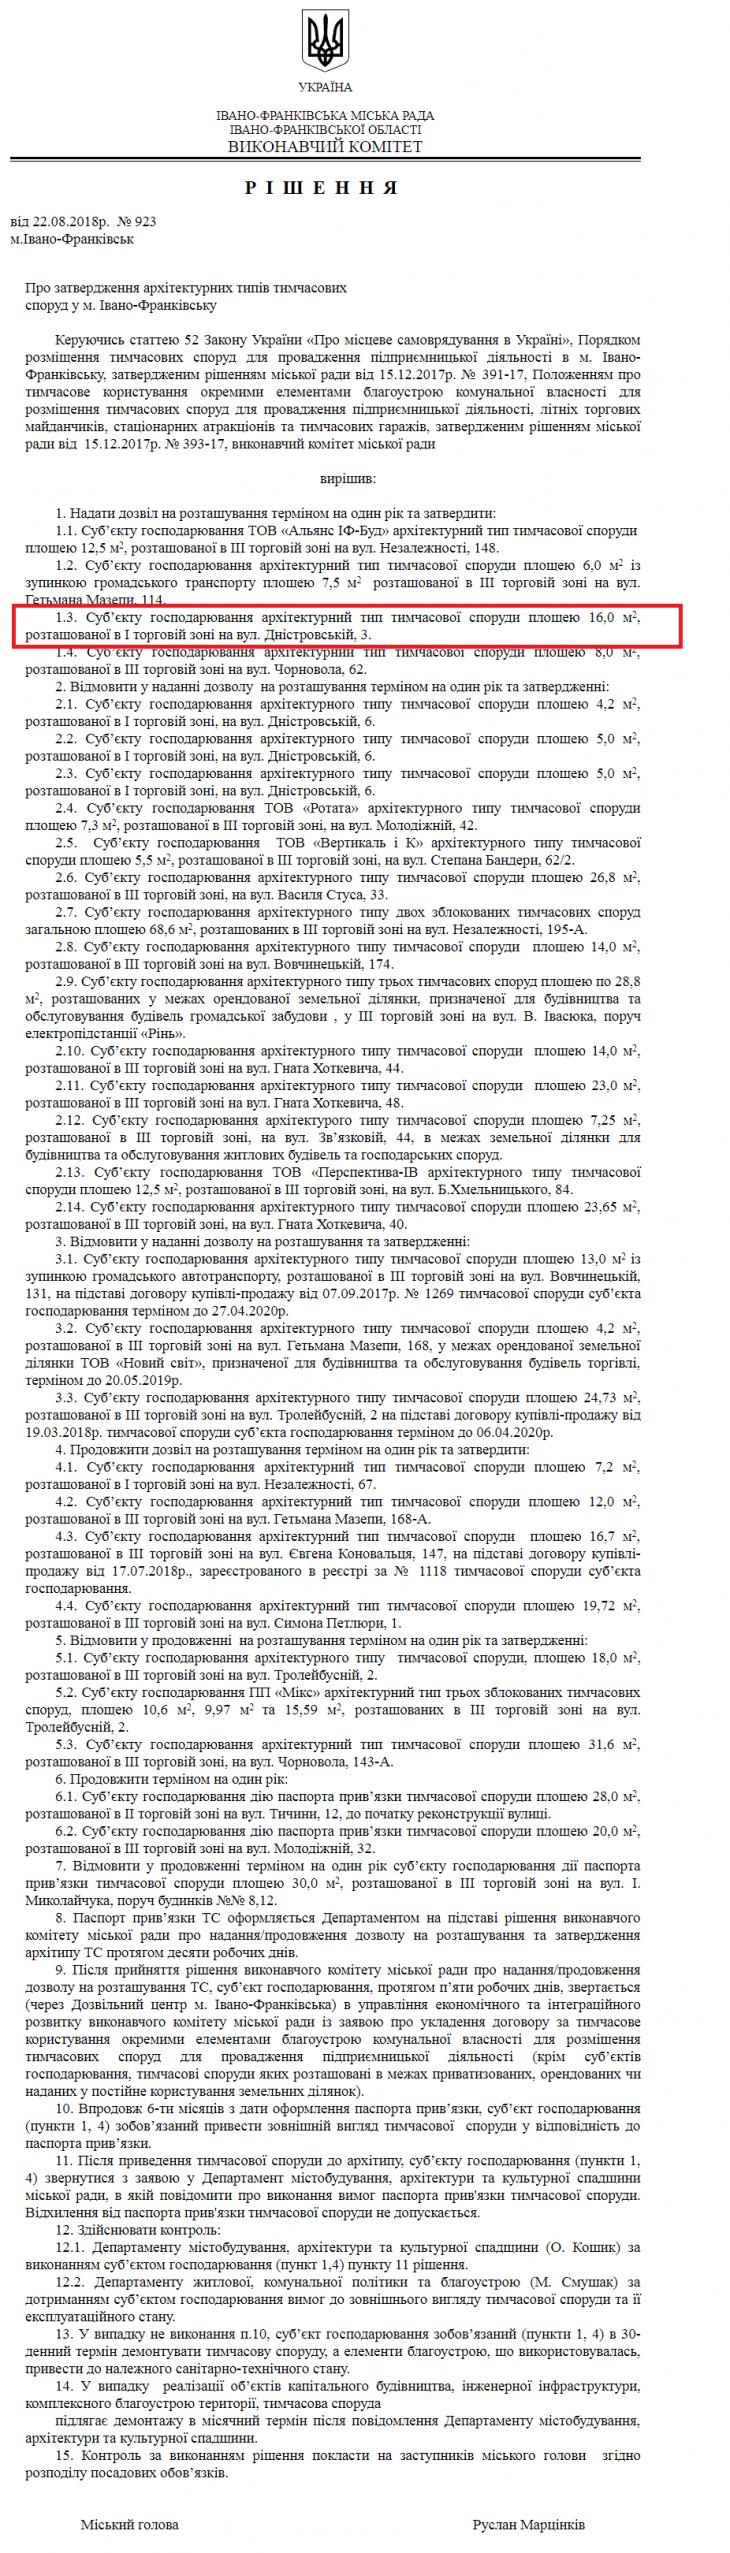 Марцінків поділився чутками про підпал МАФу у Франківську та просить поліцію їх перевірити 2